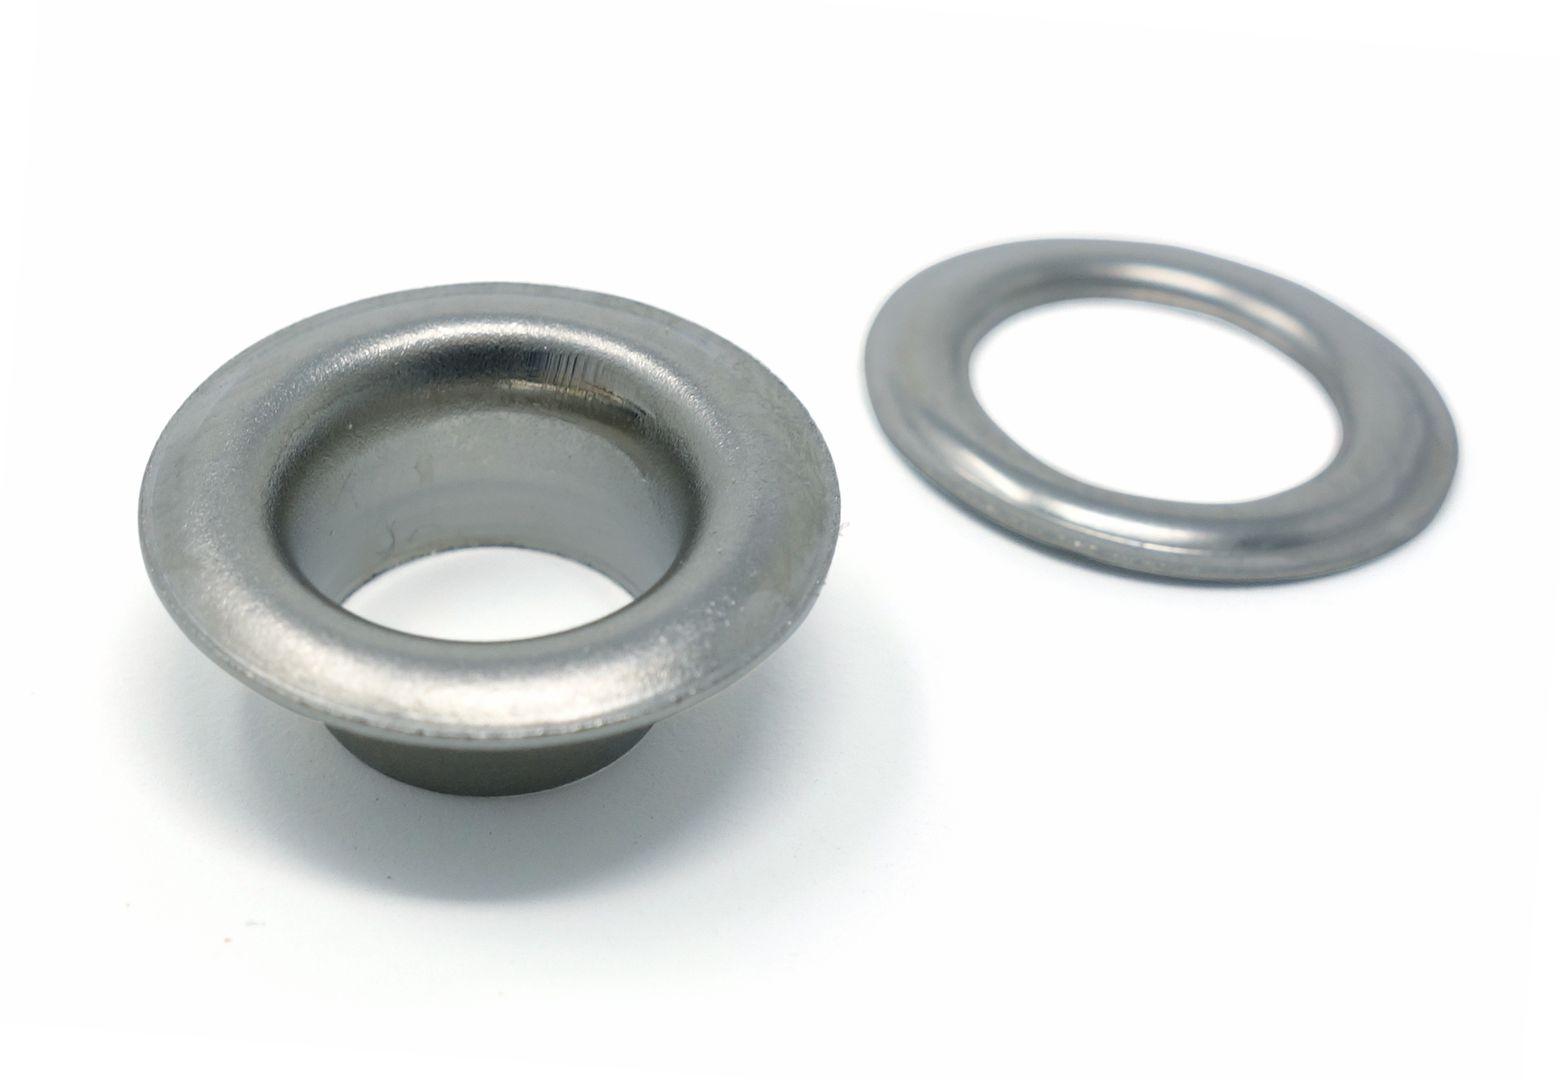 100 x 8,0 mm selbstlochende Ösen mit Scheibe für Ösenpressen und Einschlagwerkzeuge – Bild 3